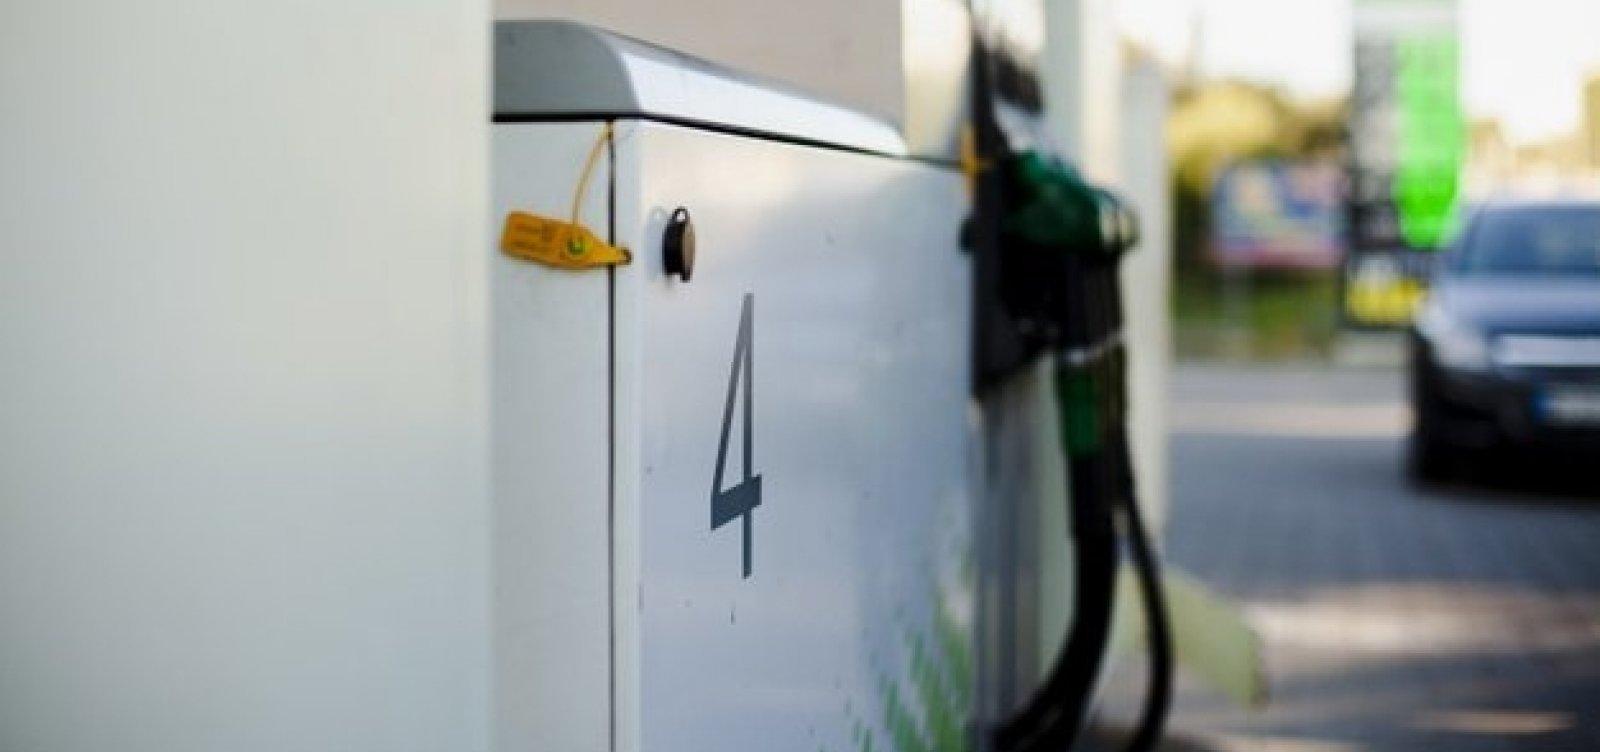 Governo obriga postos a informarem em painel composição do preço dos combustíveis